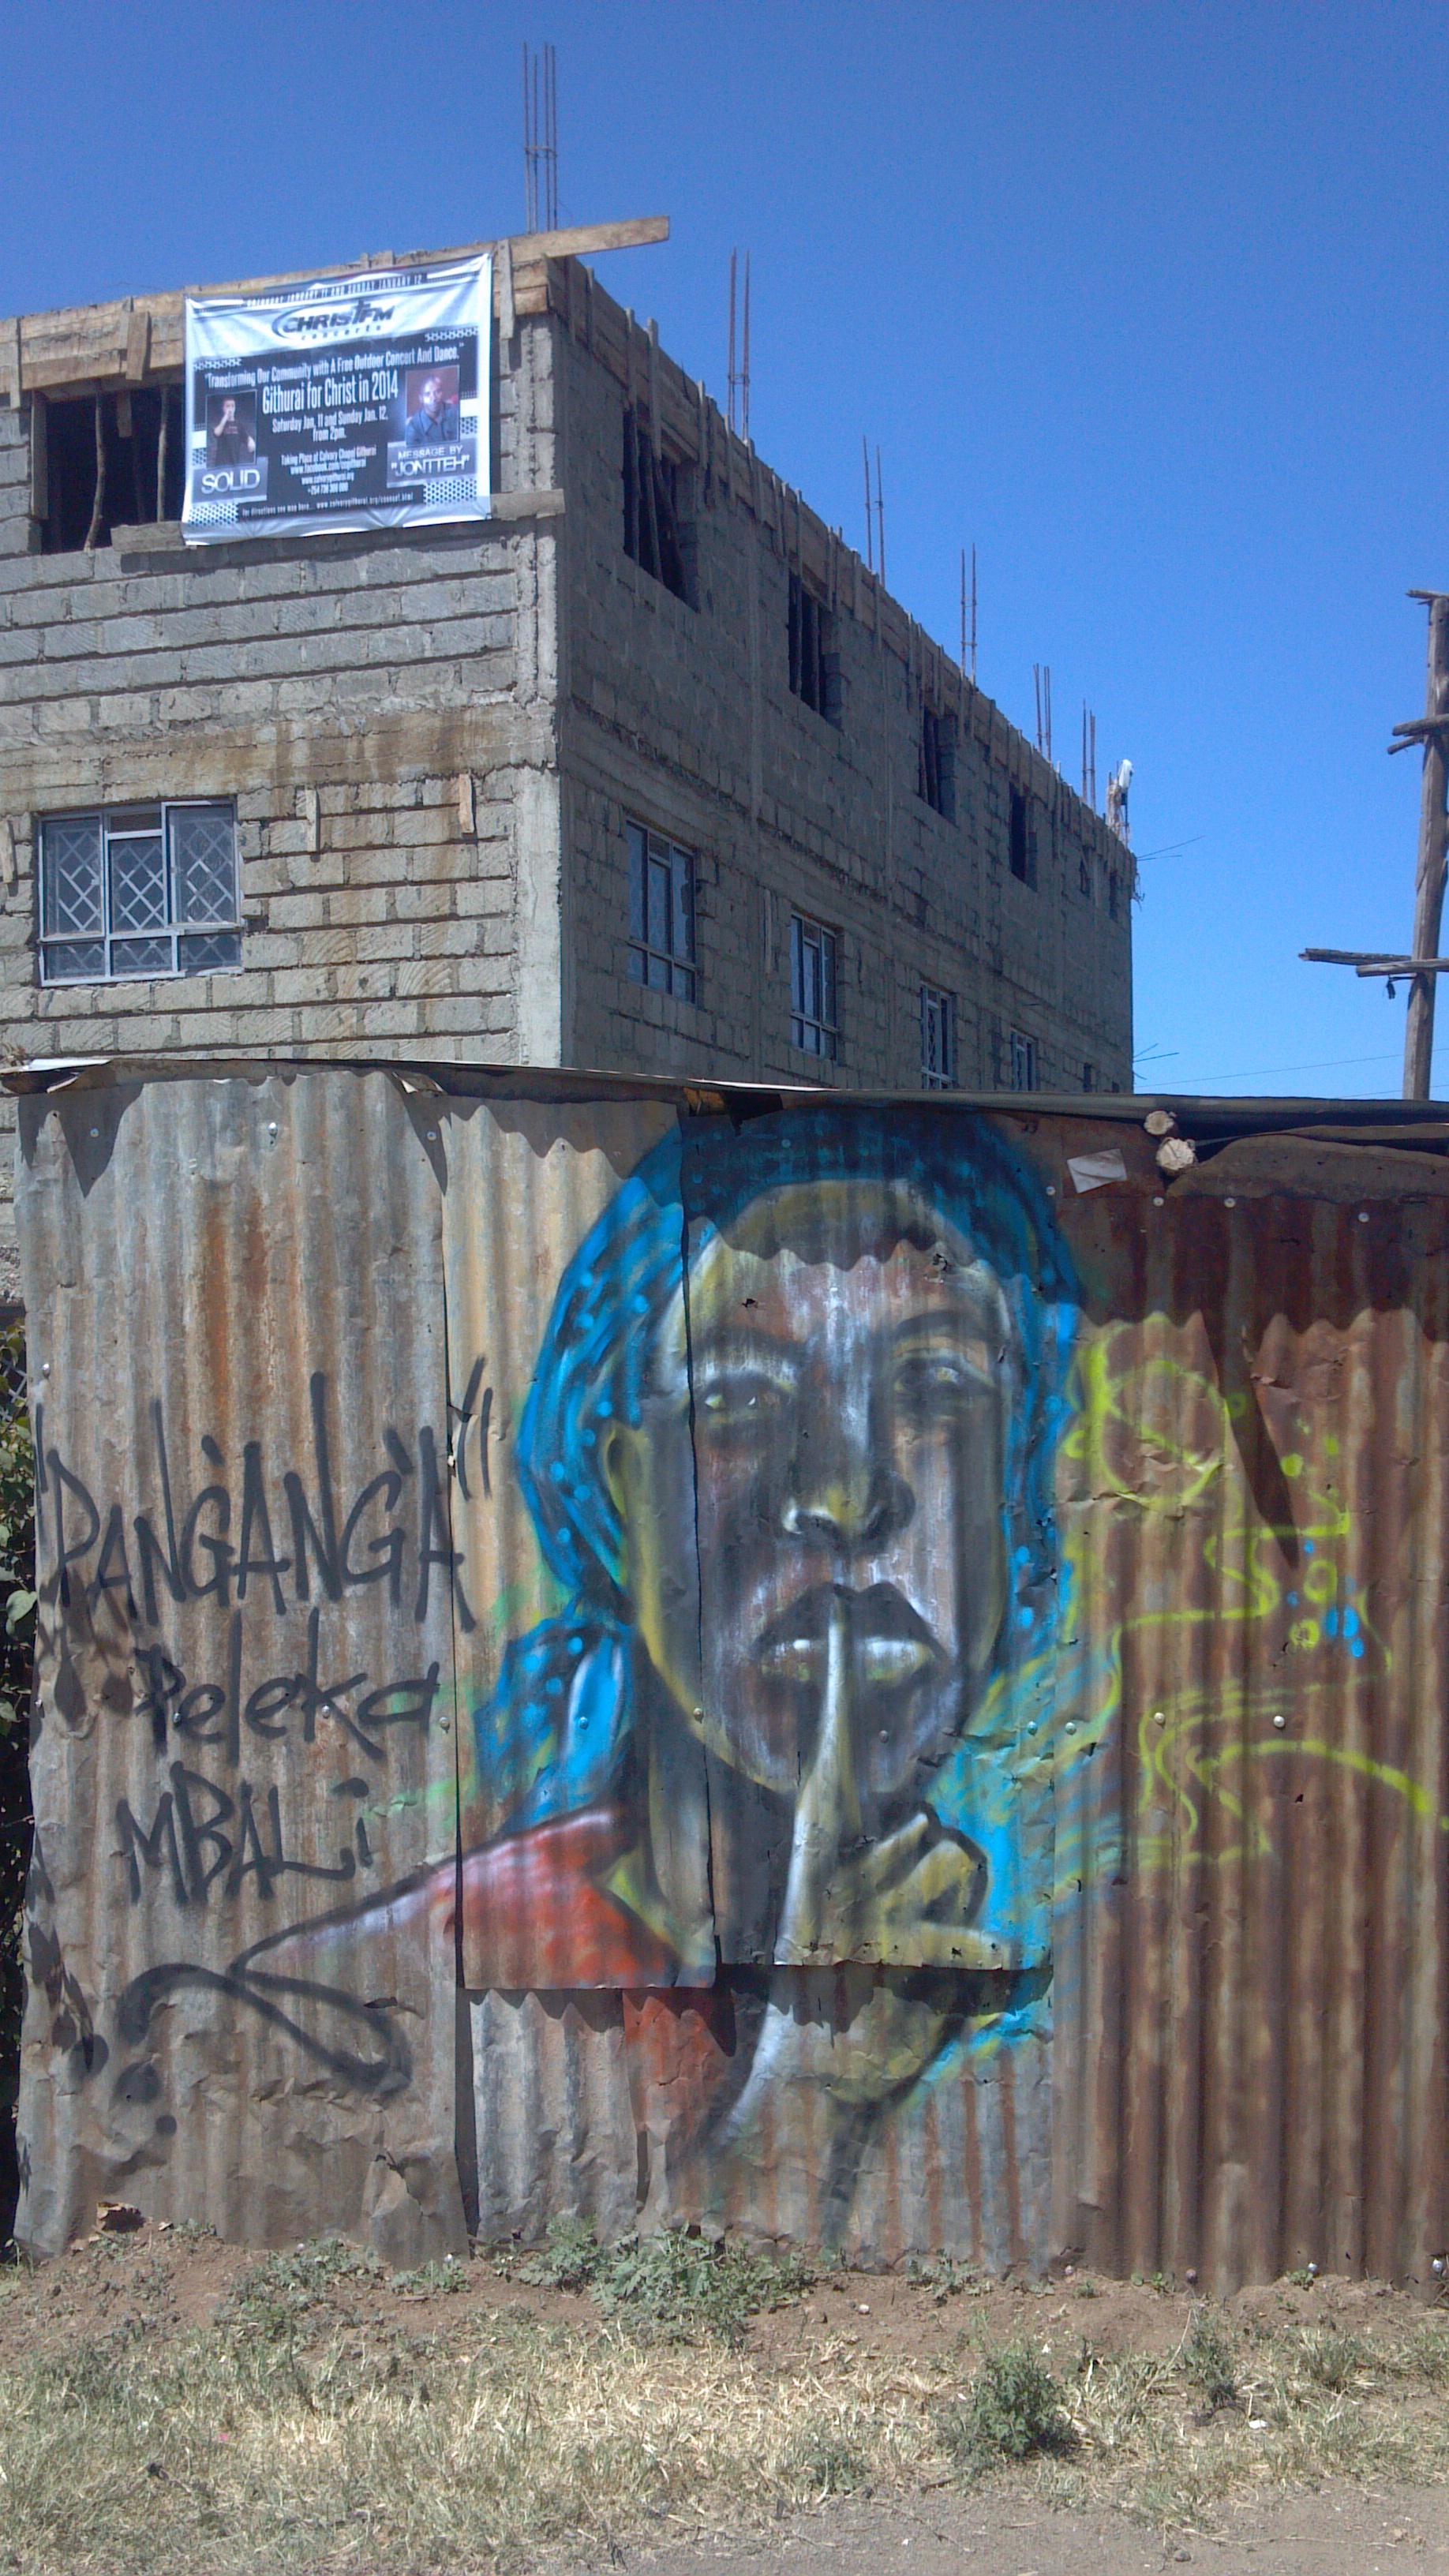 Street art in Githurai, Nairobi